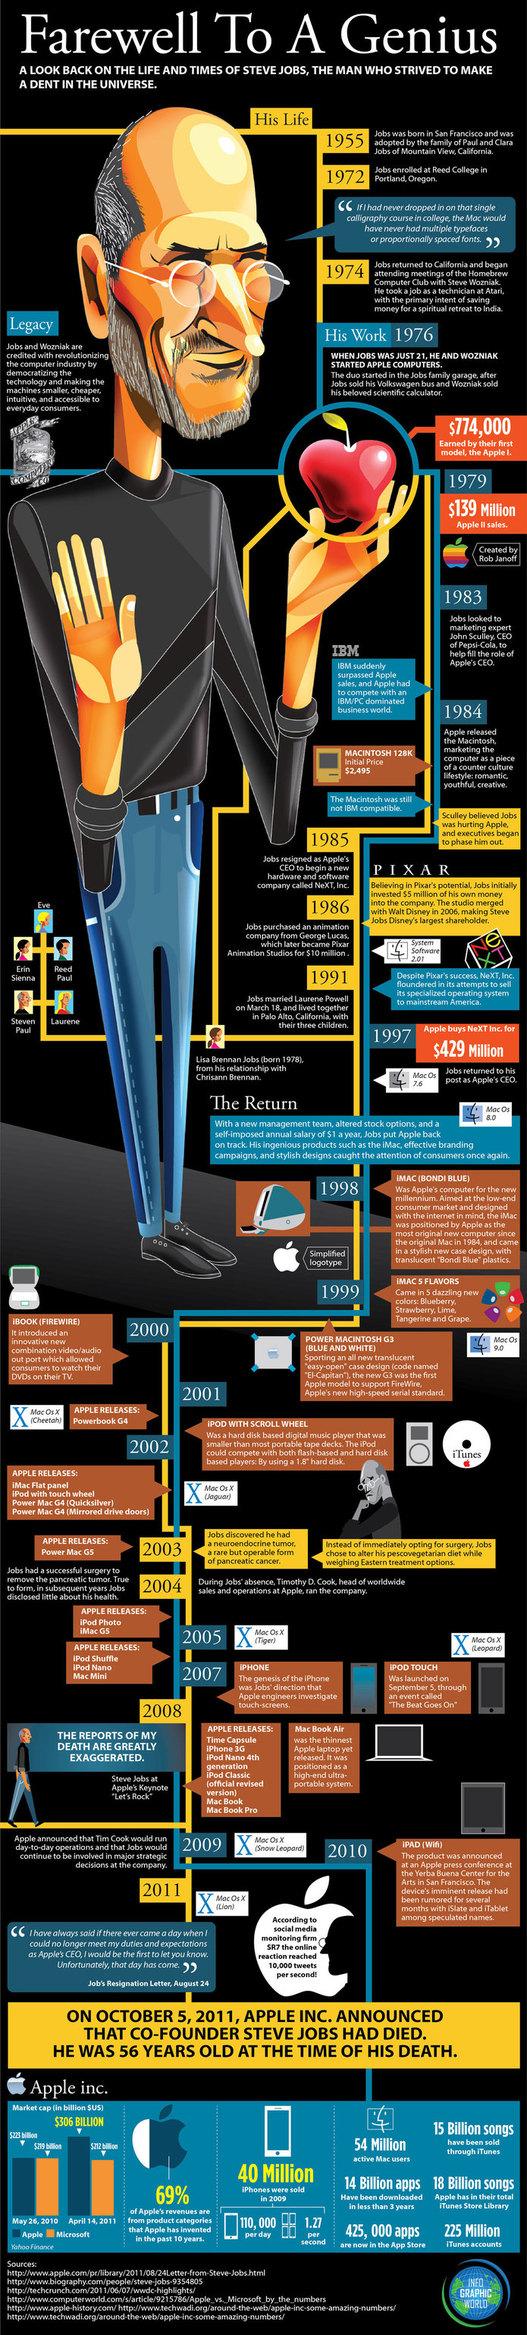 La vie de Steve Jobs en 1 image